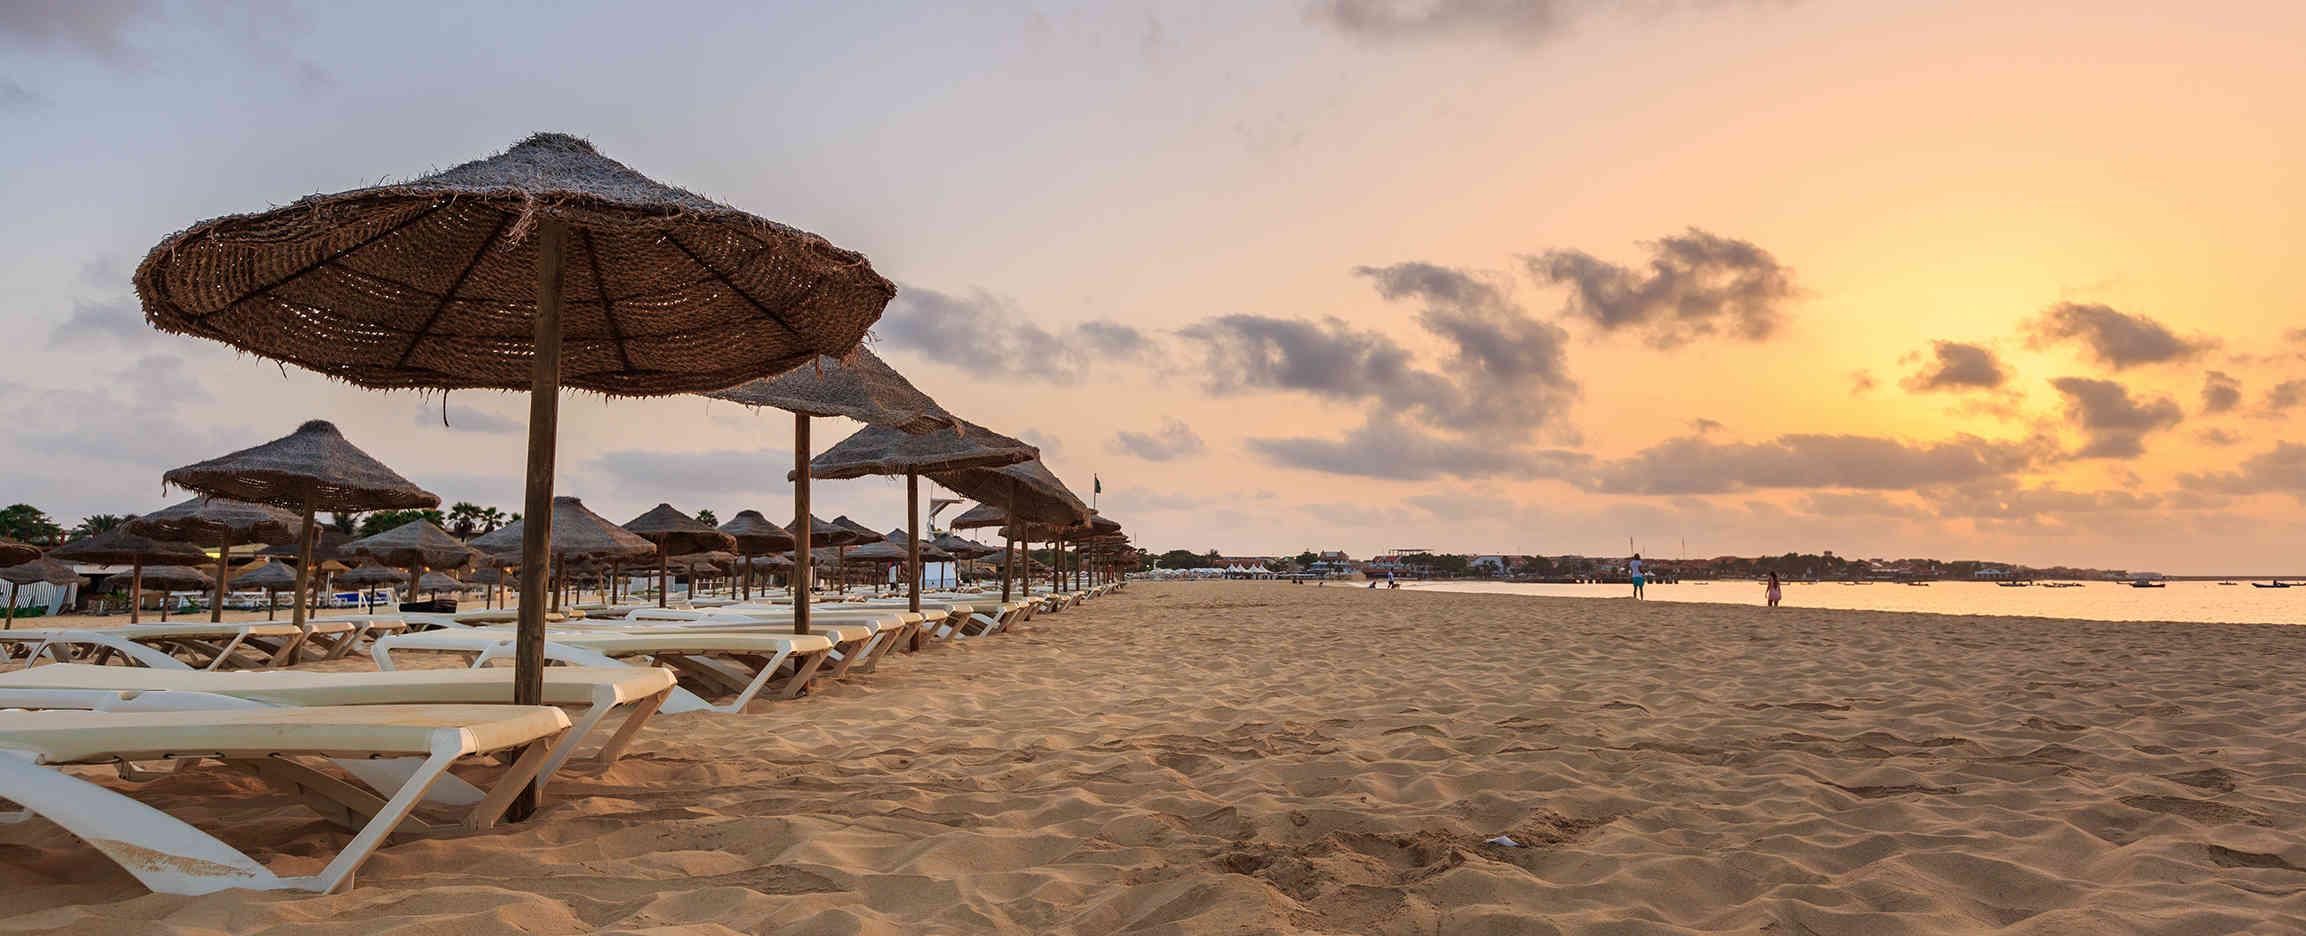 Isla de Sal en Cabo Verde, para disfrutar de las playas